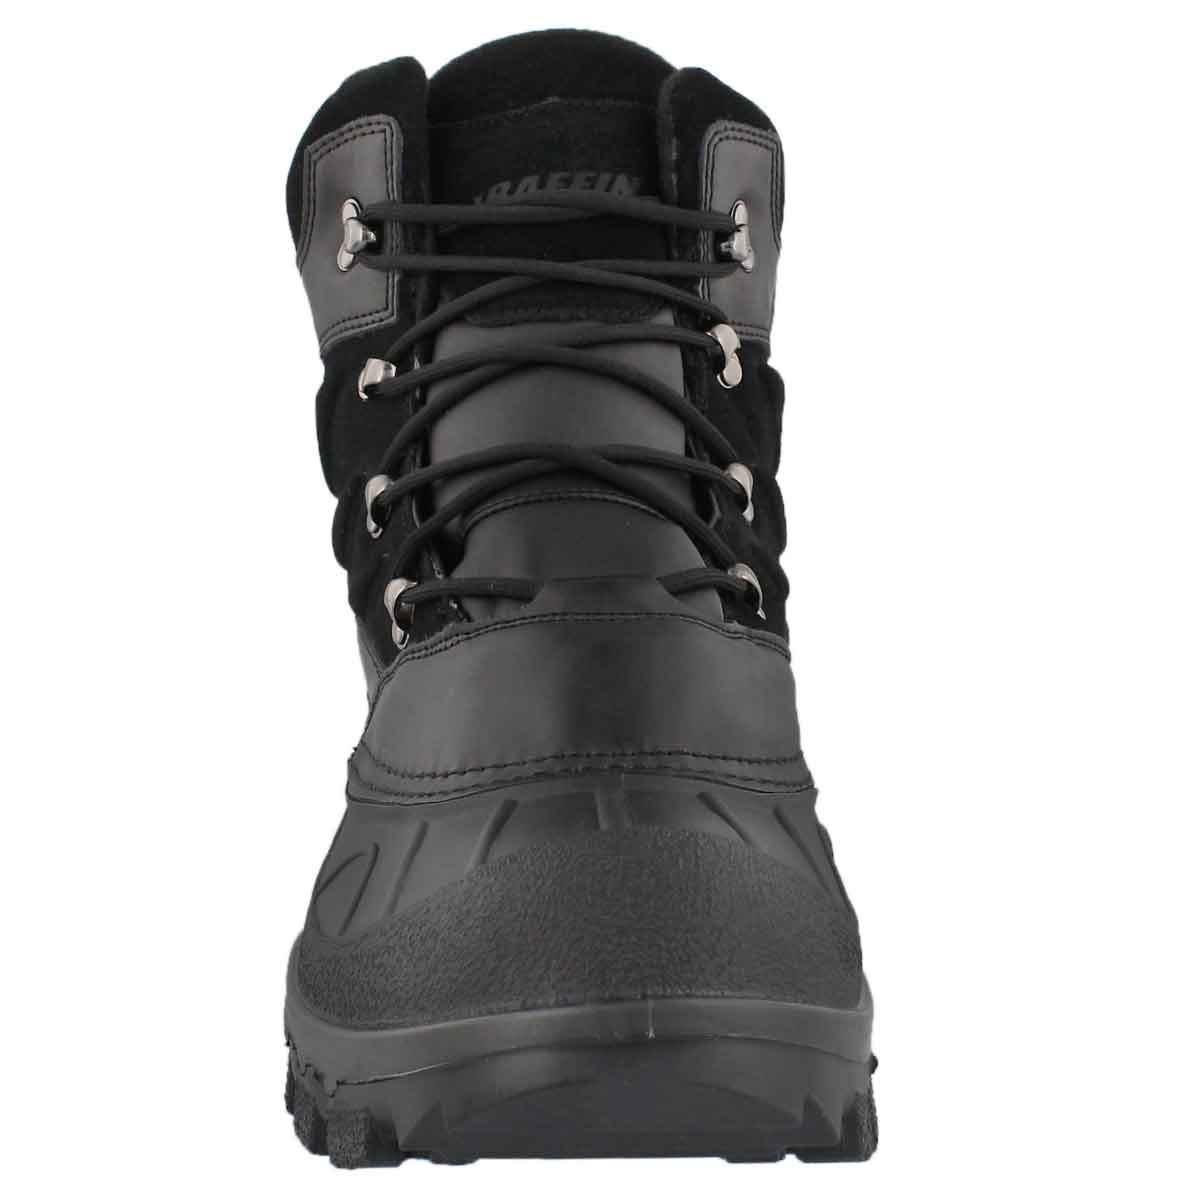 Mns Ellesmere blk wp lace up winter boot